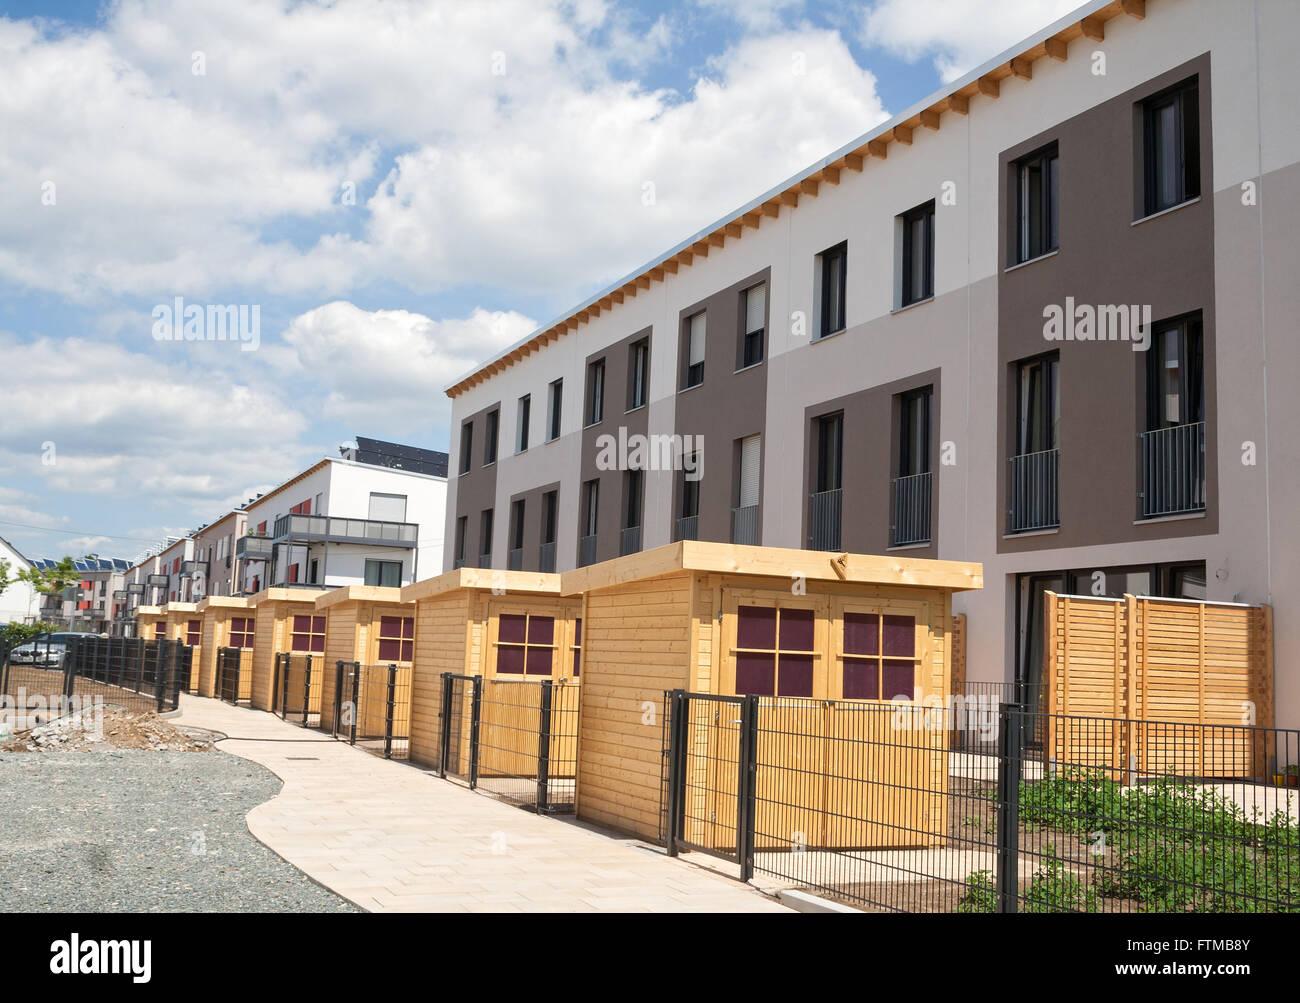 Nueva urbanización de casas con jardín. Imagen De Stock